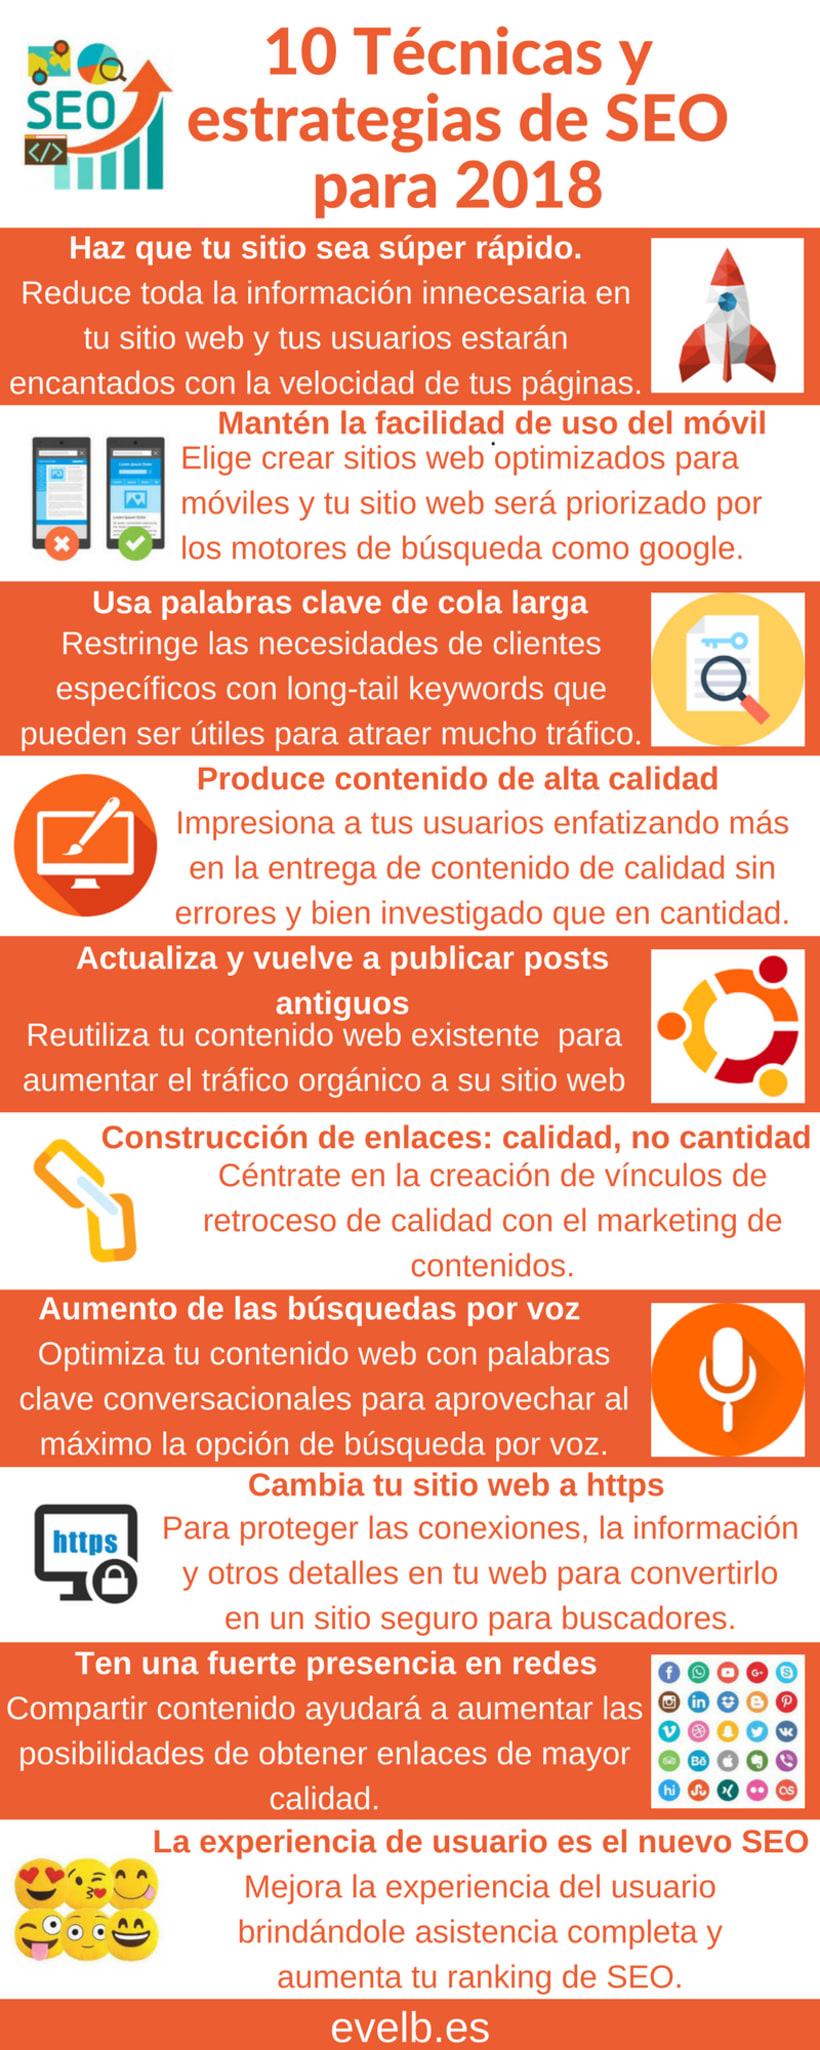 Infografías evelb.es 25